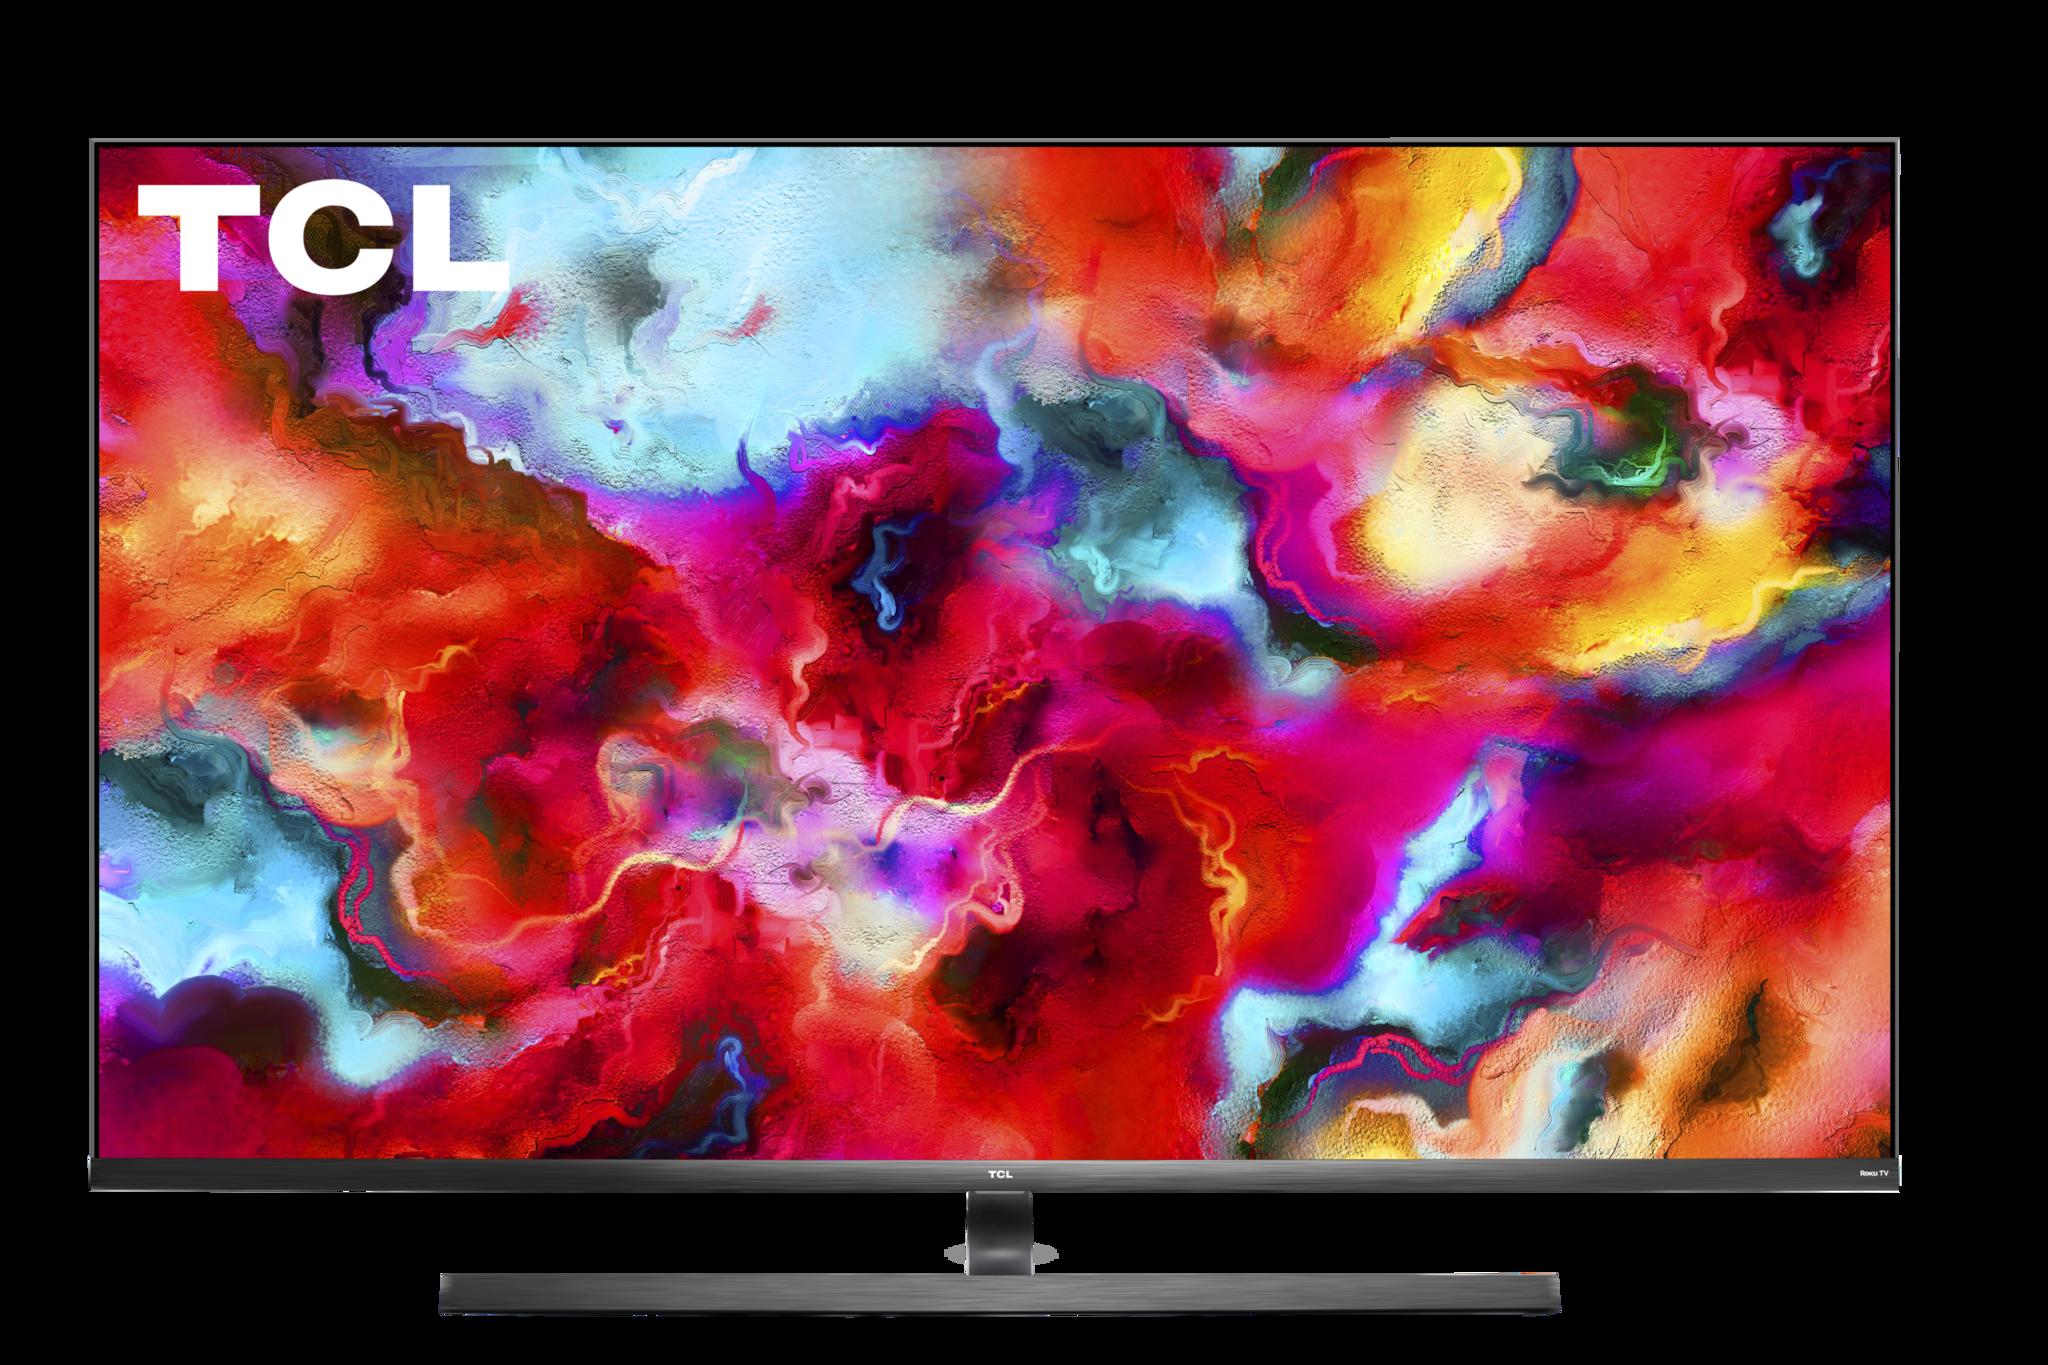 TCL gibt Einzelheiten zu seinen 2019er Roku-TV-Modellen bekannt